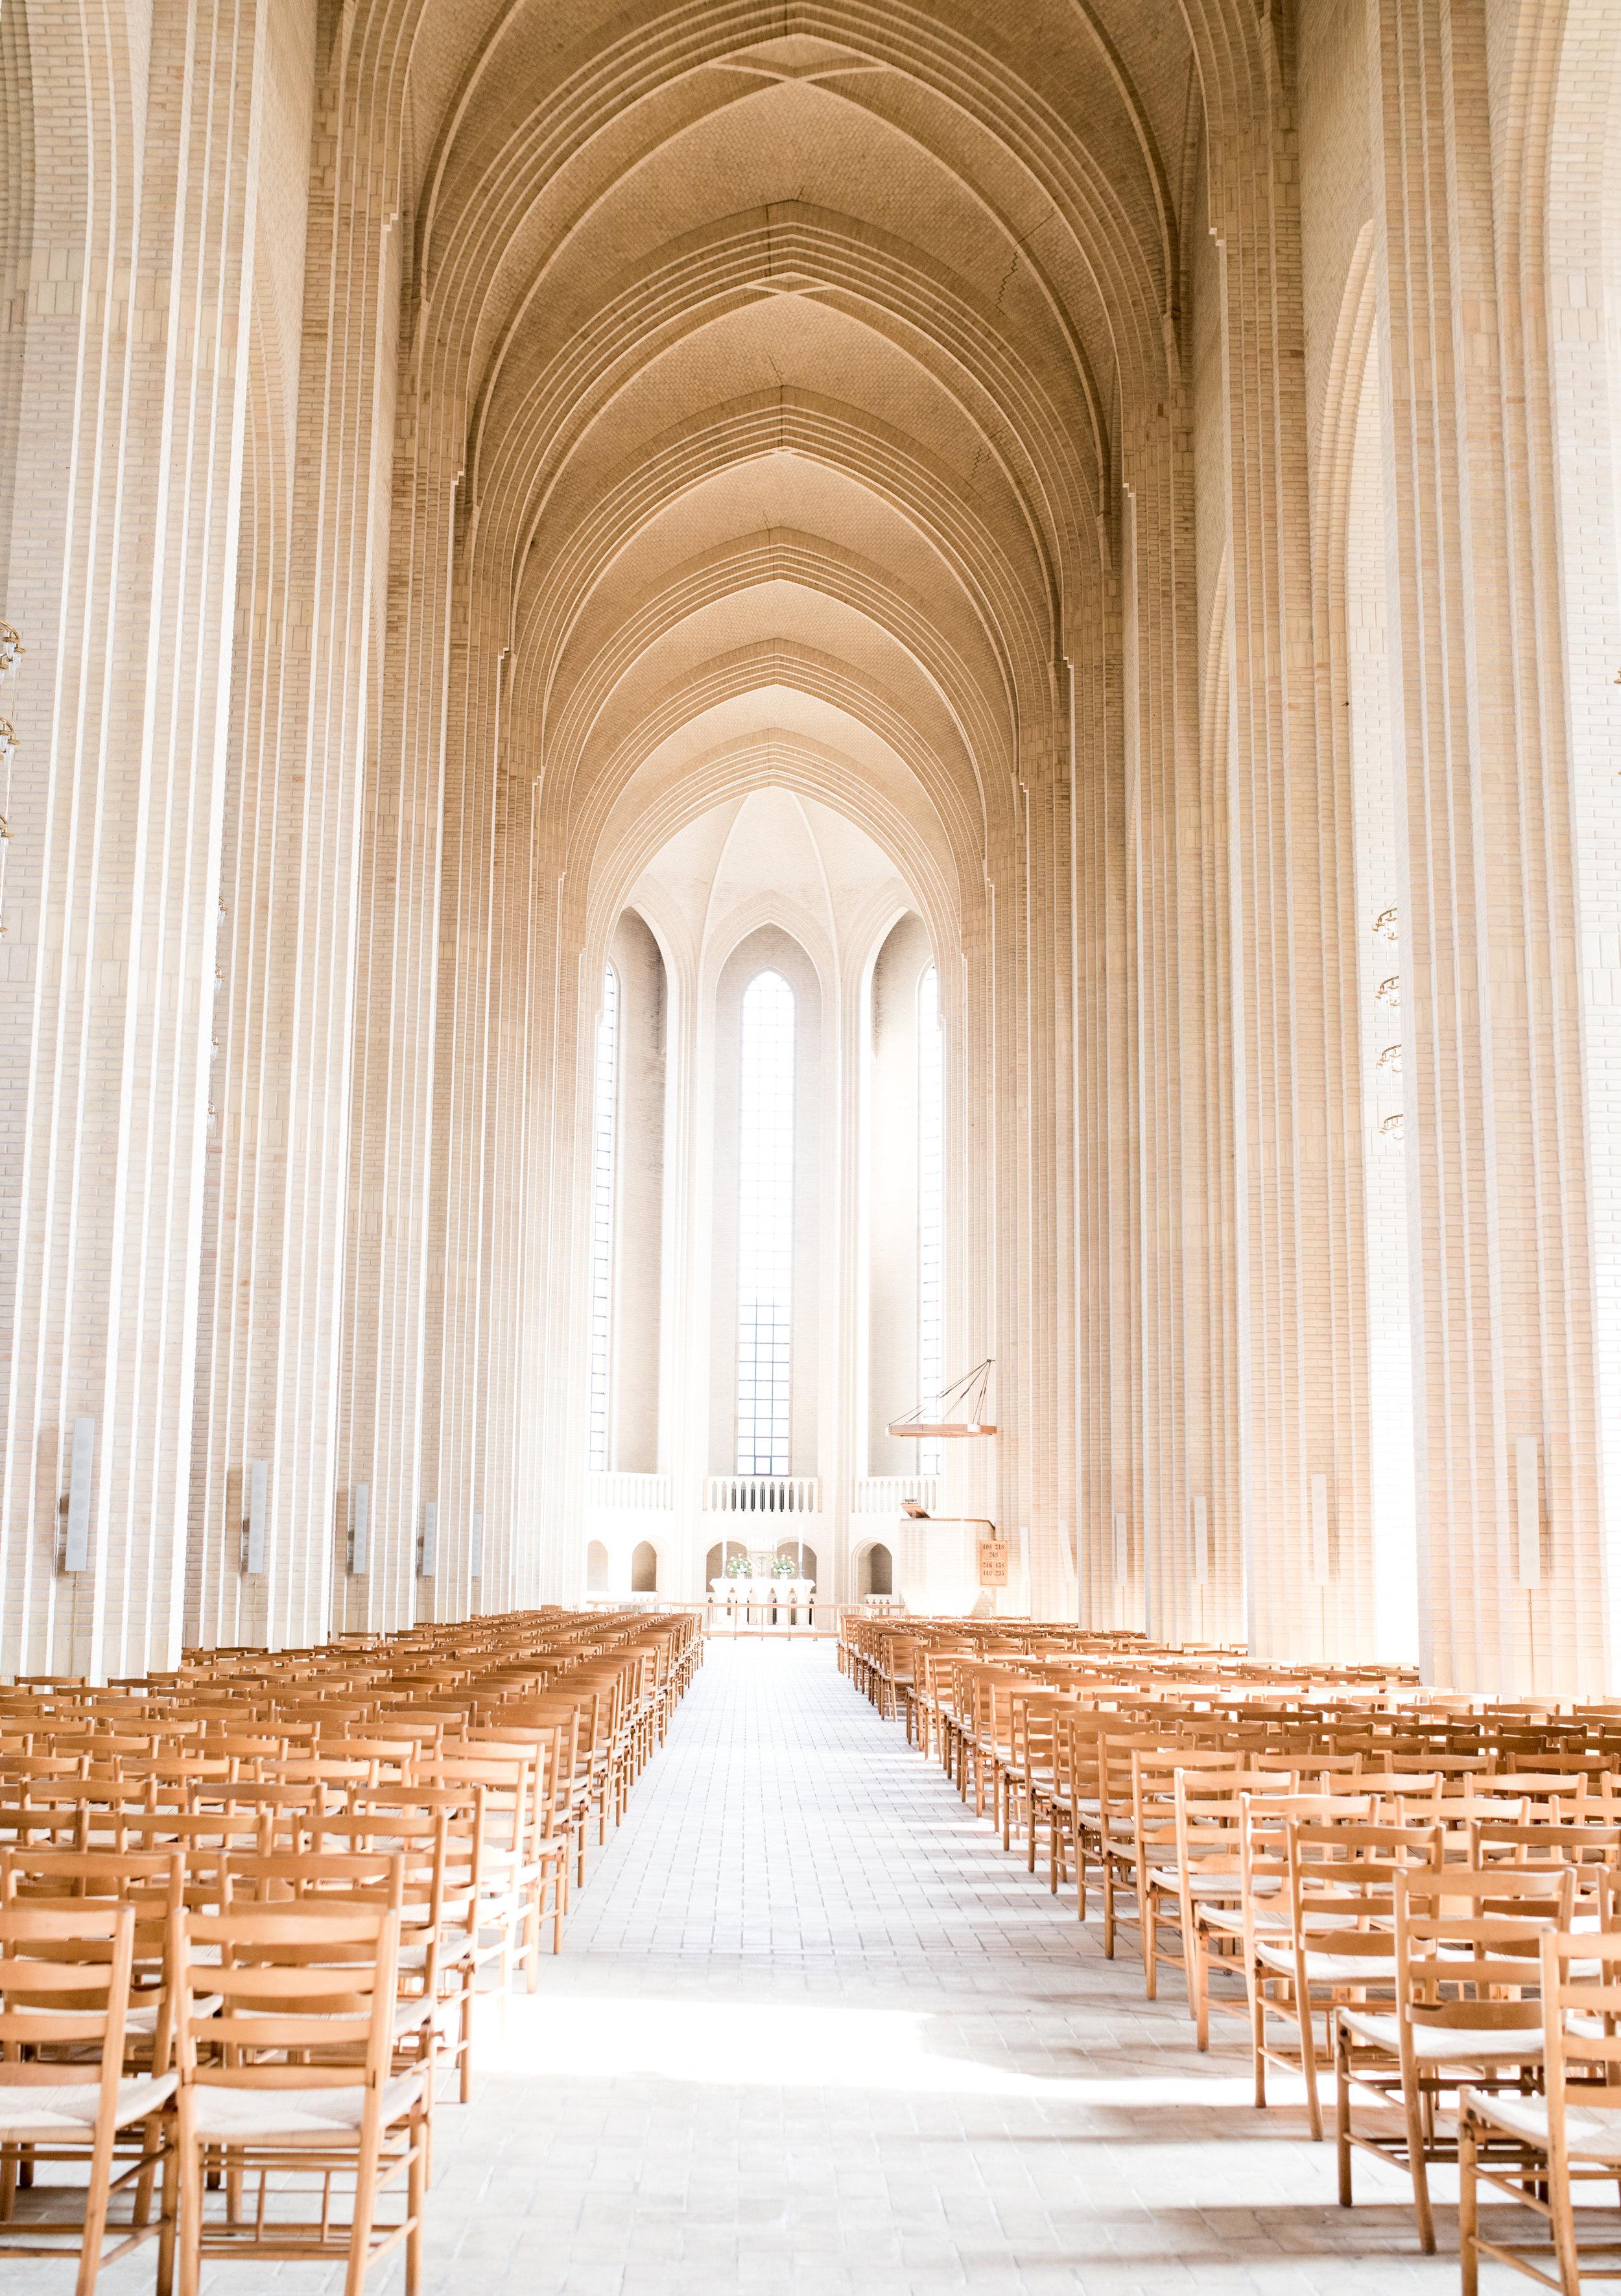 PHOTOGRAPGY - Grundvigs Church, Copenhagen